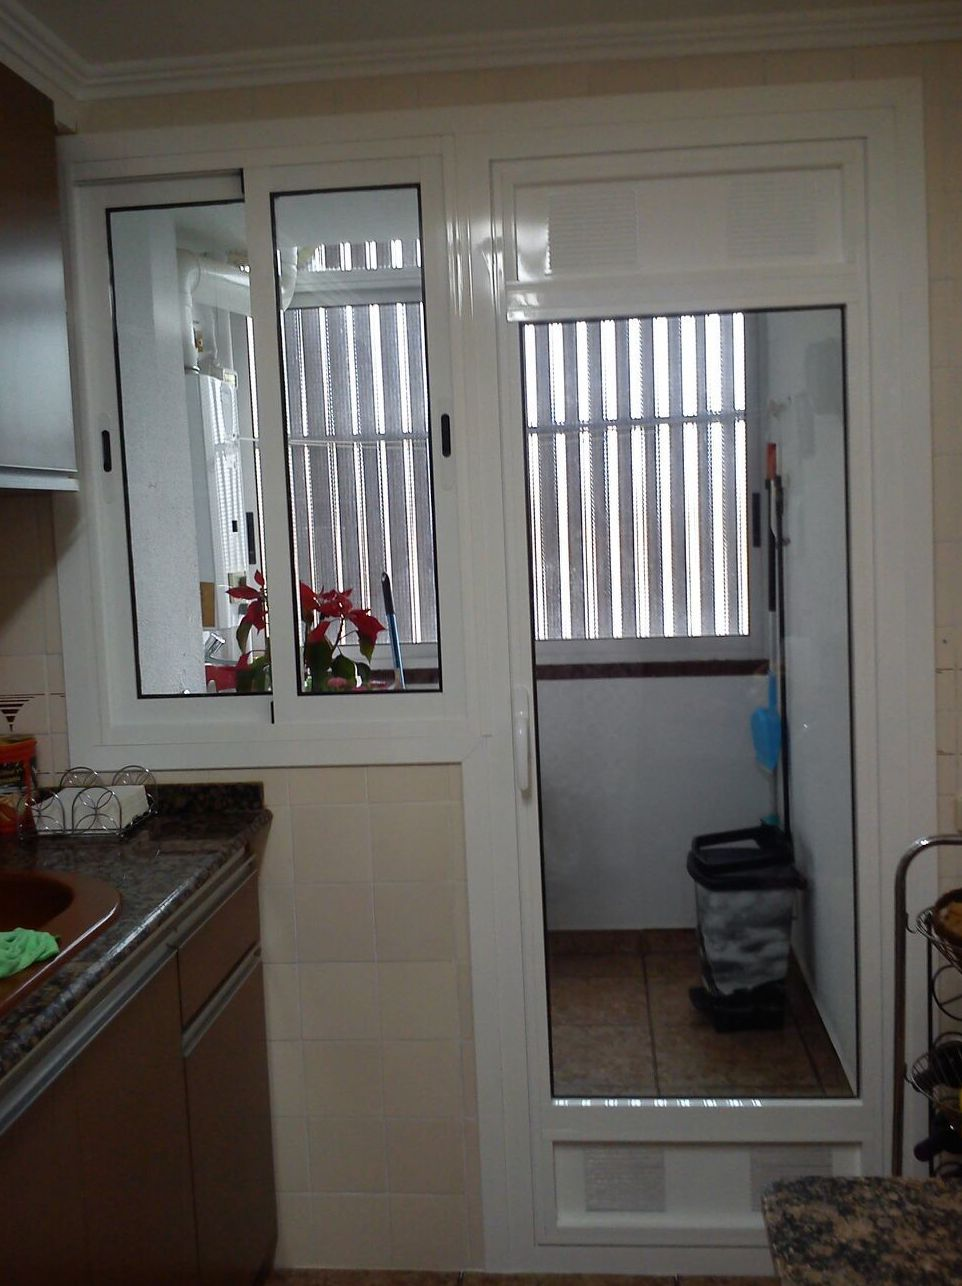 Compacto puerta + ventanal para cocinas. Rejillas de ventilación.